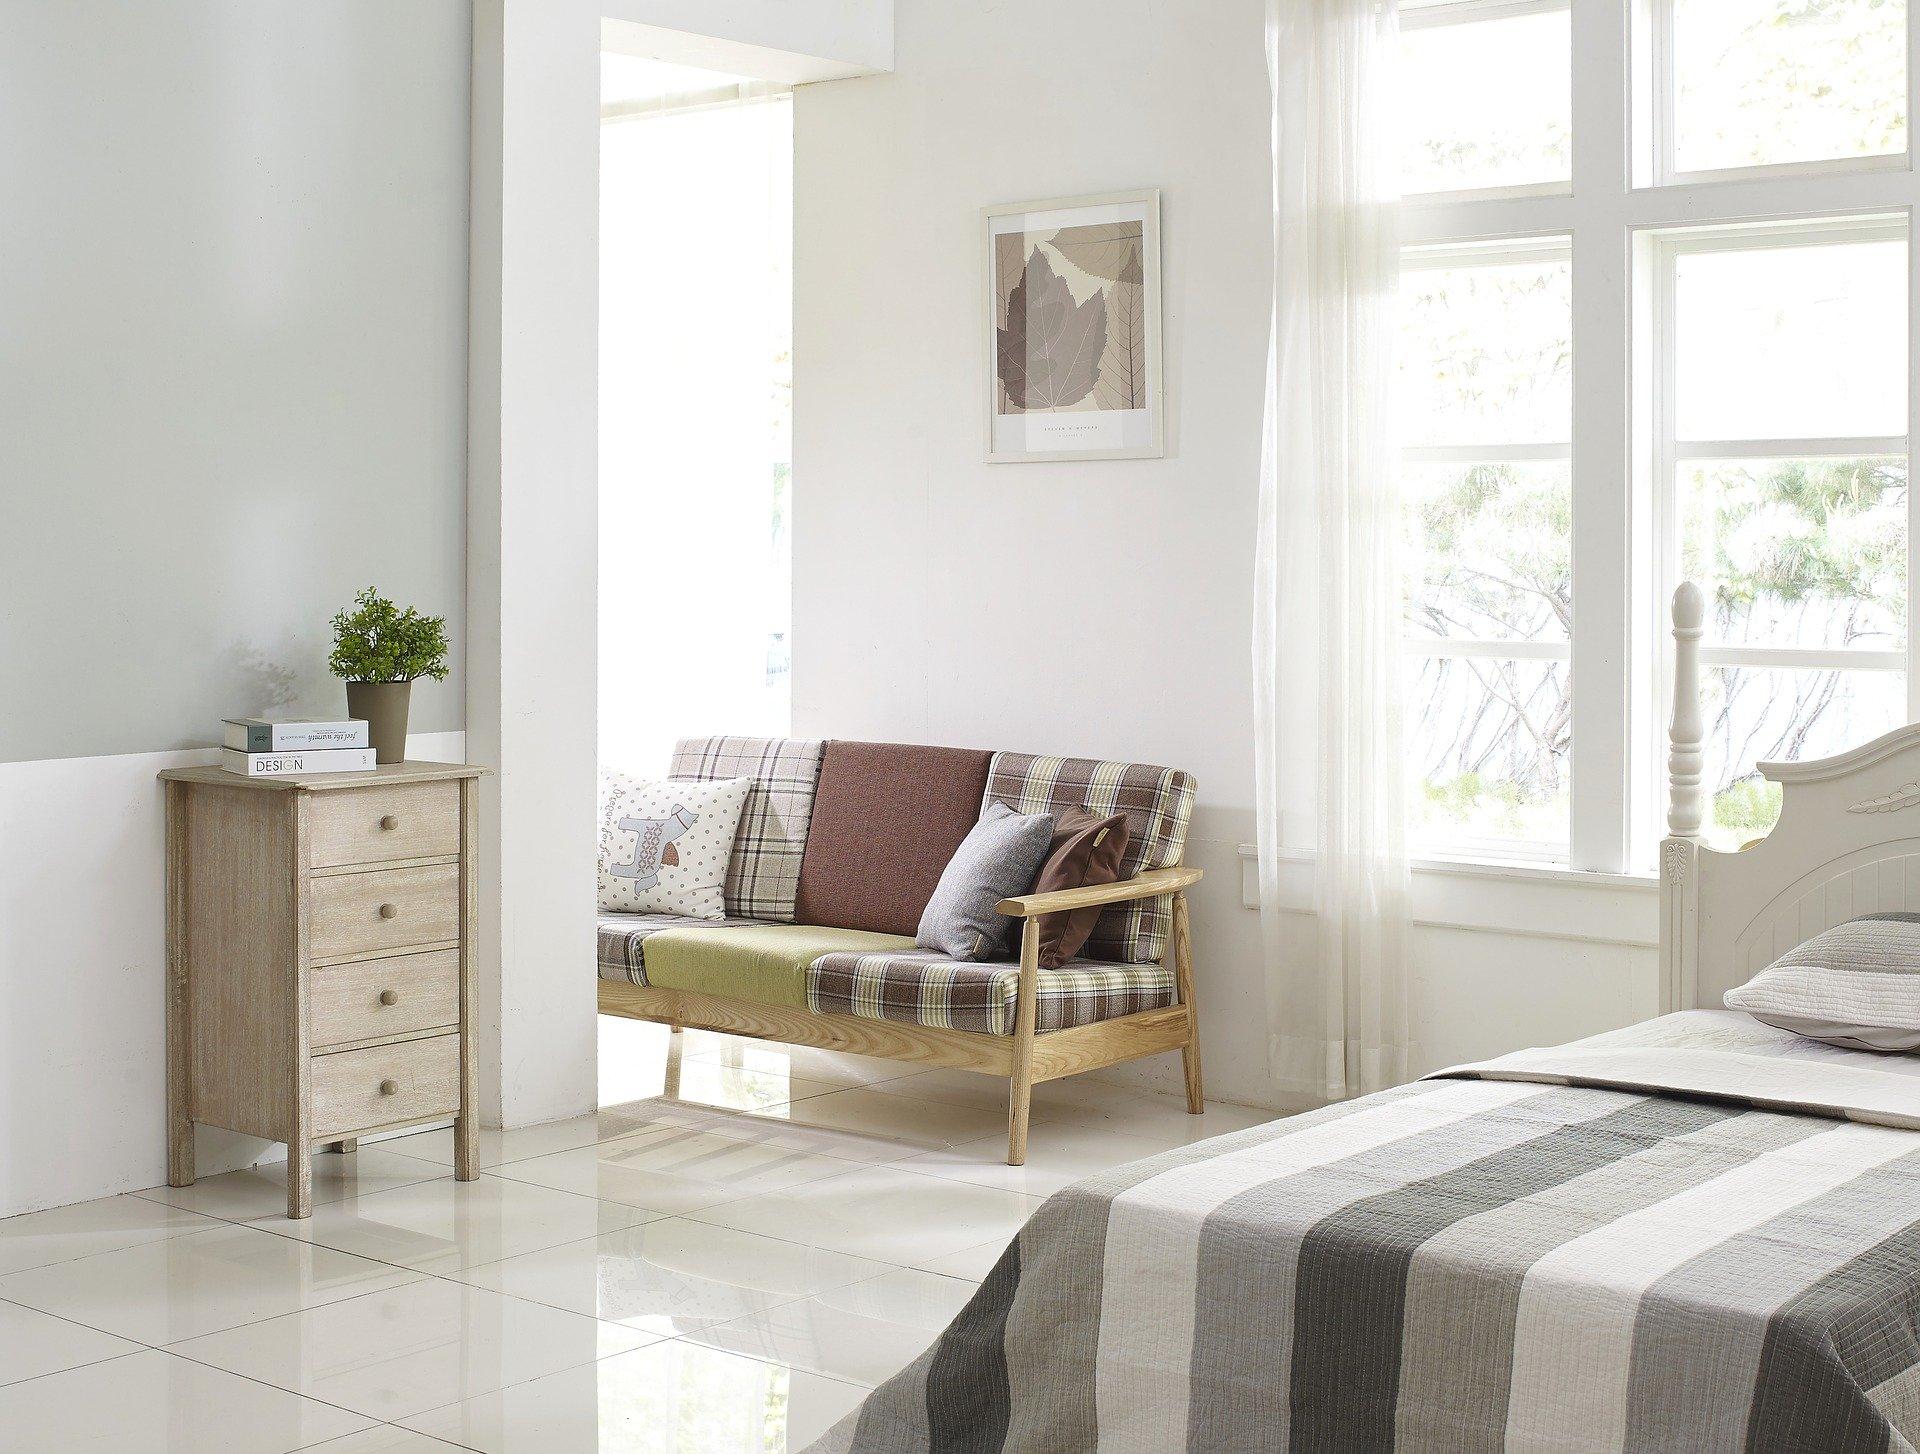 3 Tips Til Indretning Af Sovevaerelse I Stuen Contrast Is Everything